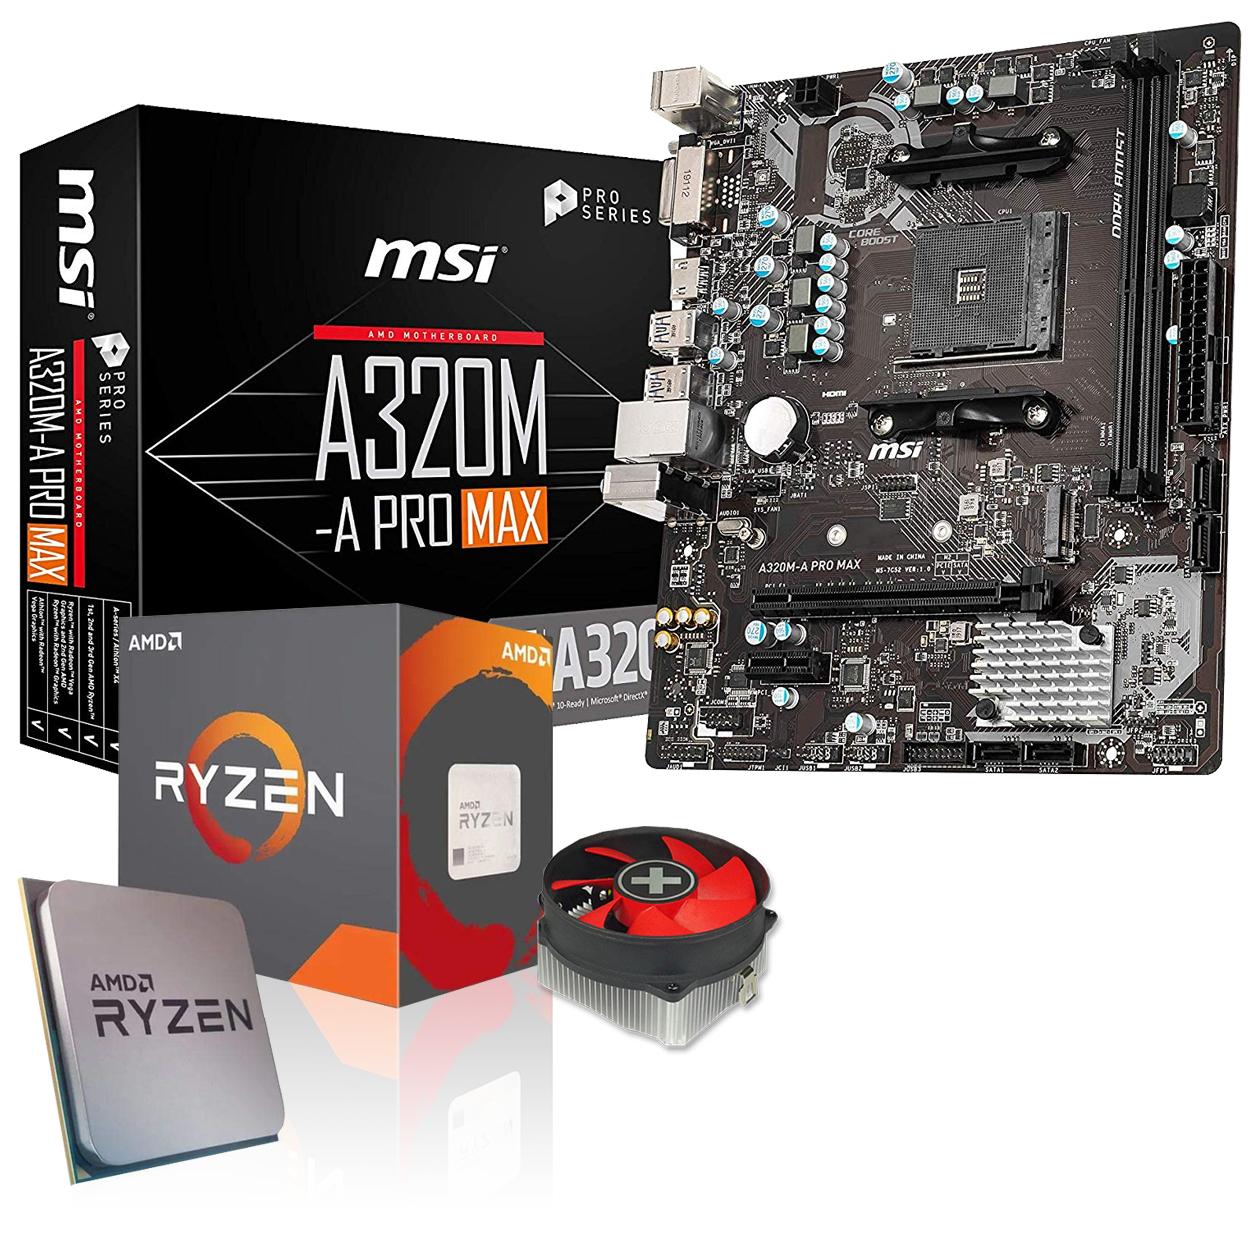 Kit d'évolution PC: Carte Mère MSI A320M-A Pro Max + Processeur AMD Ryzen 3 3200G 4x 3,6 GHz